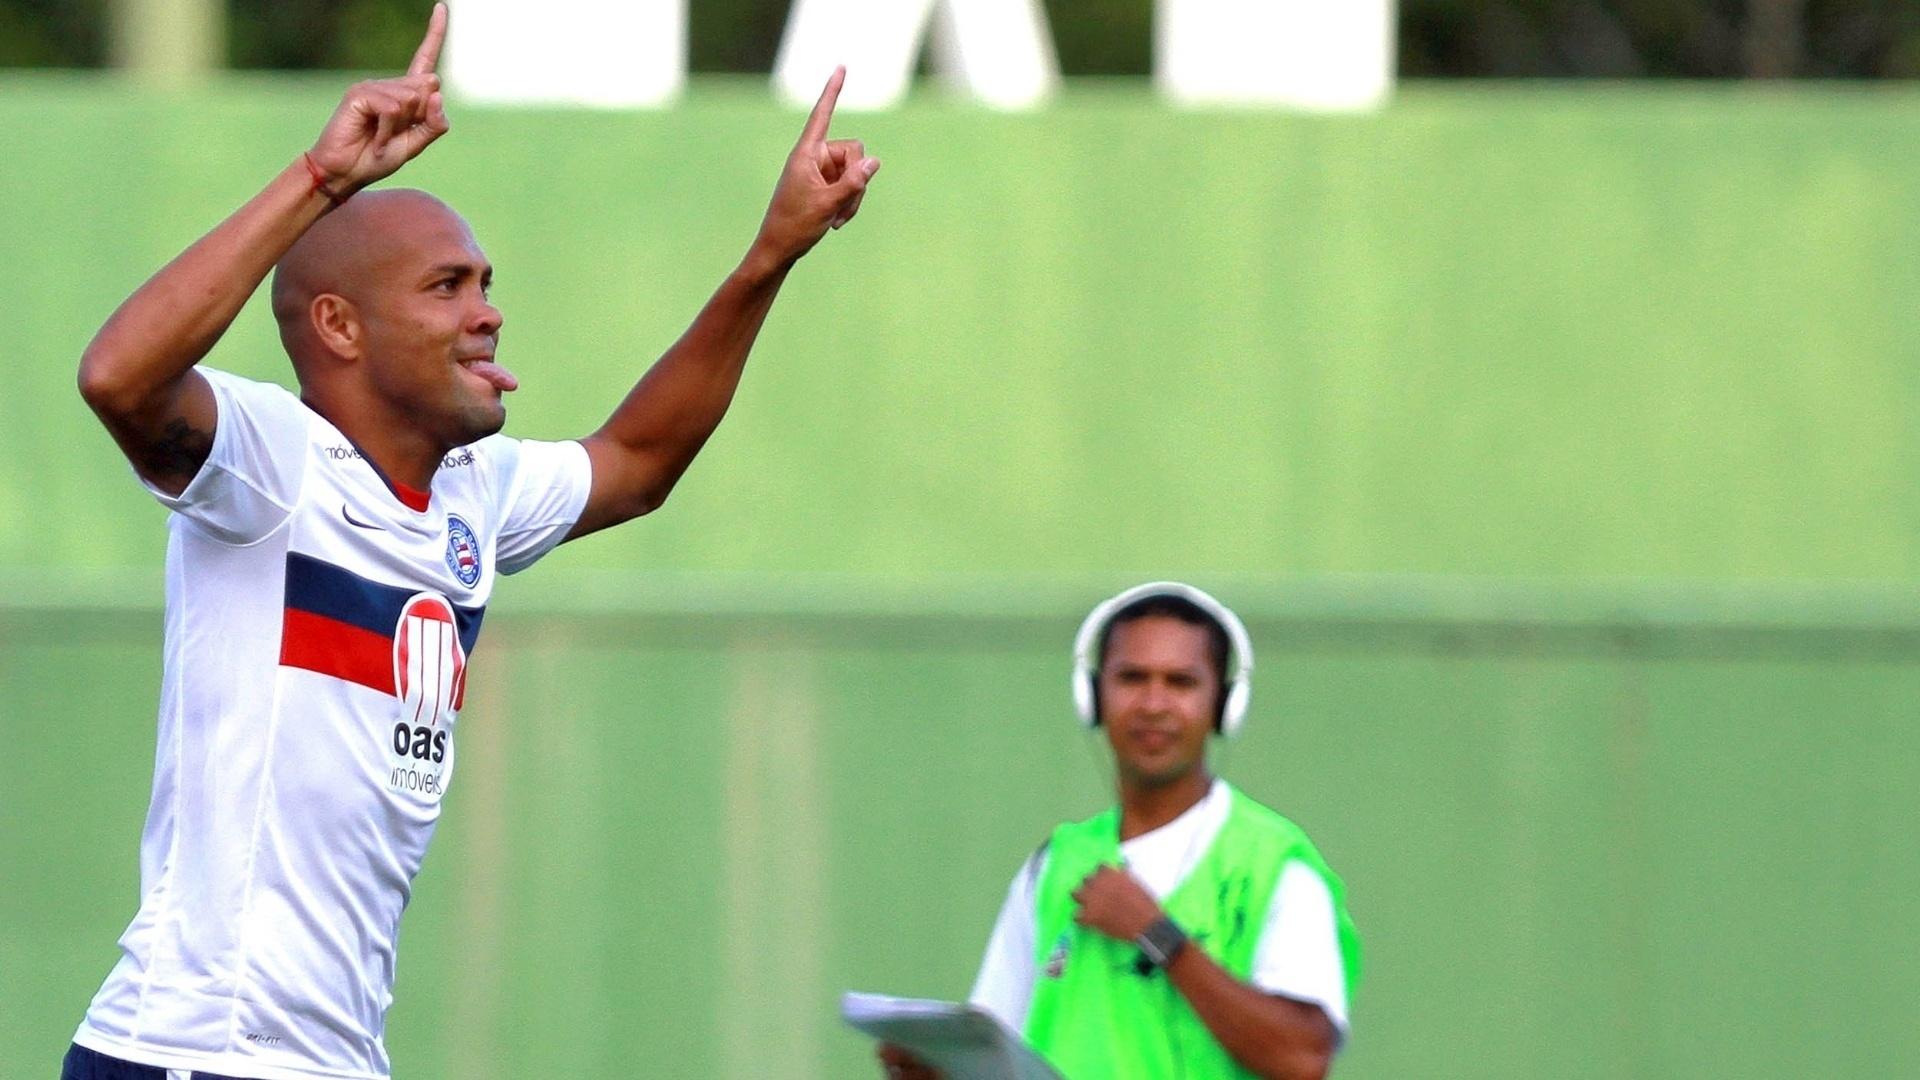 Souza comemora um de seus gols pelo Bahia em jogo contra o Itabuna, pelo Baiano